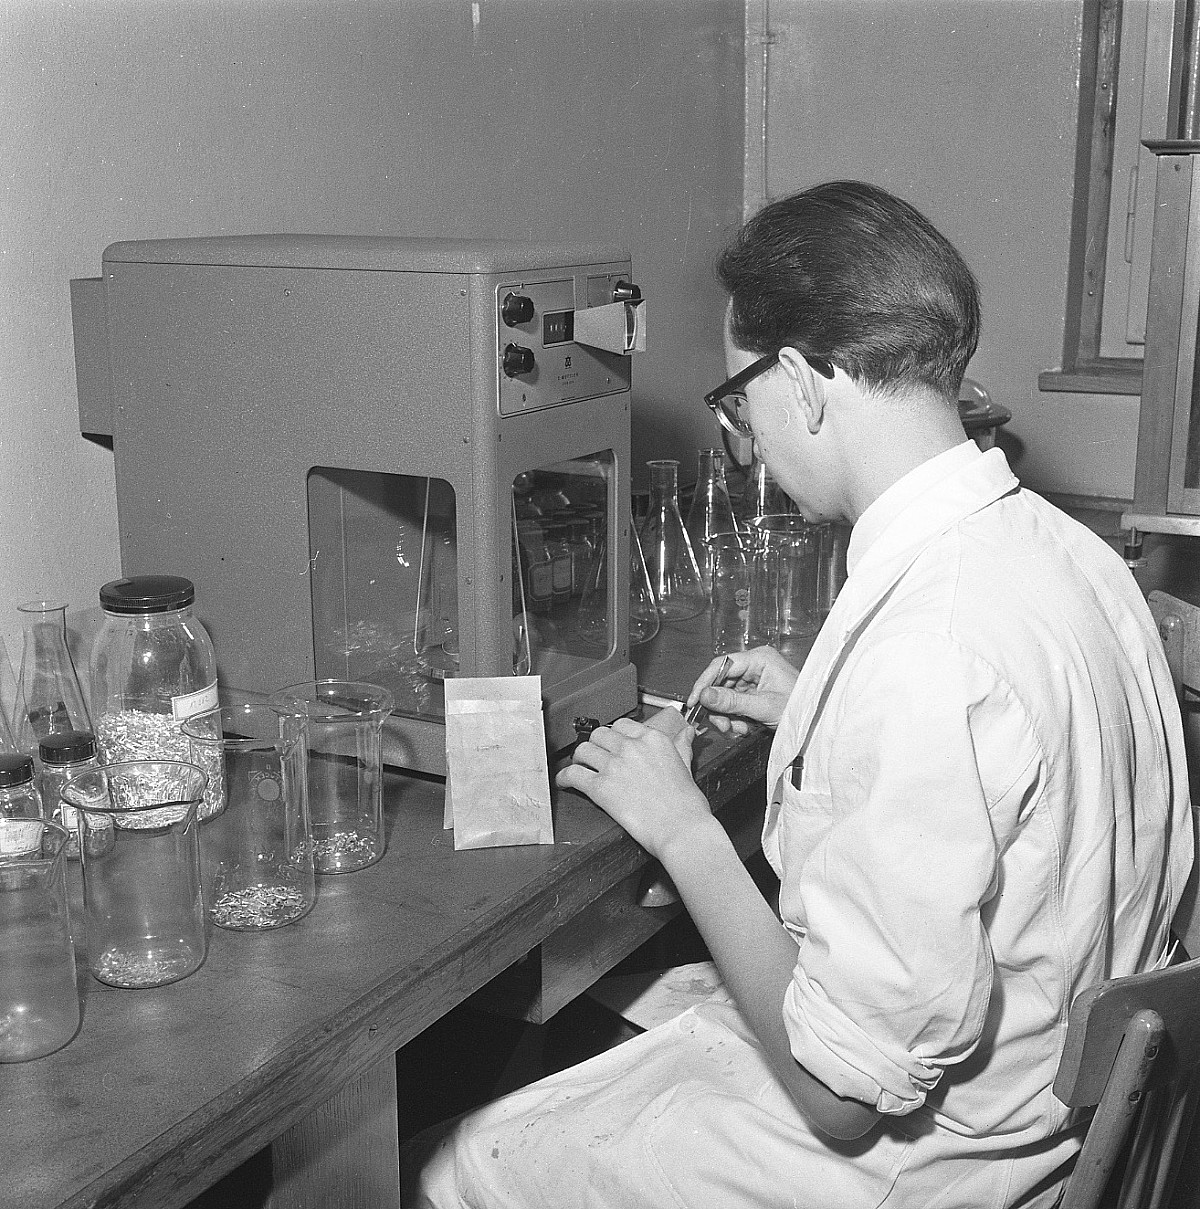 GFA 17/571508.2: Reportage: education of the laboratory apprentice